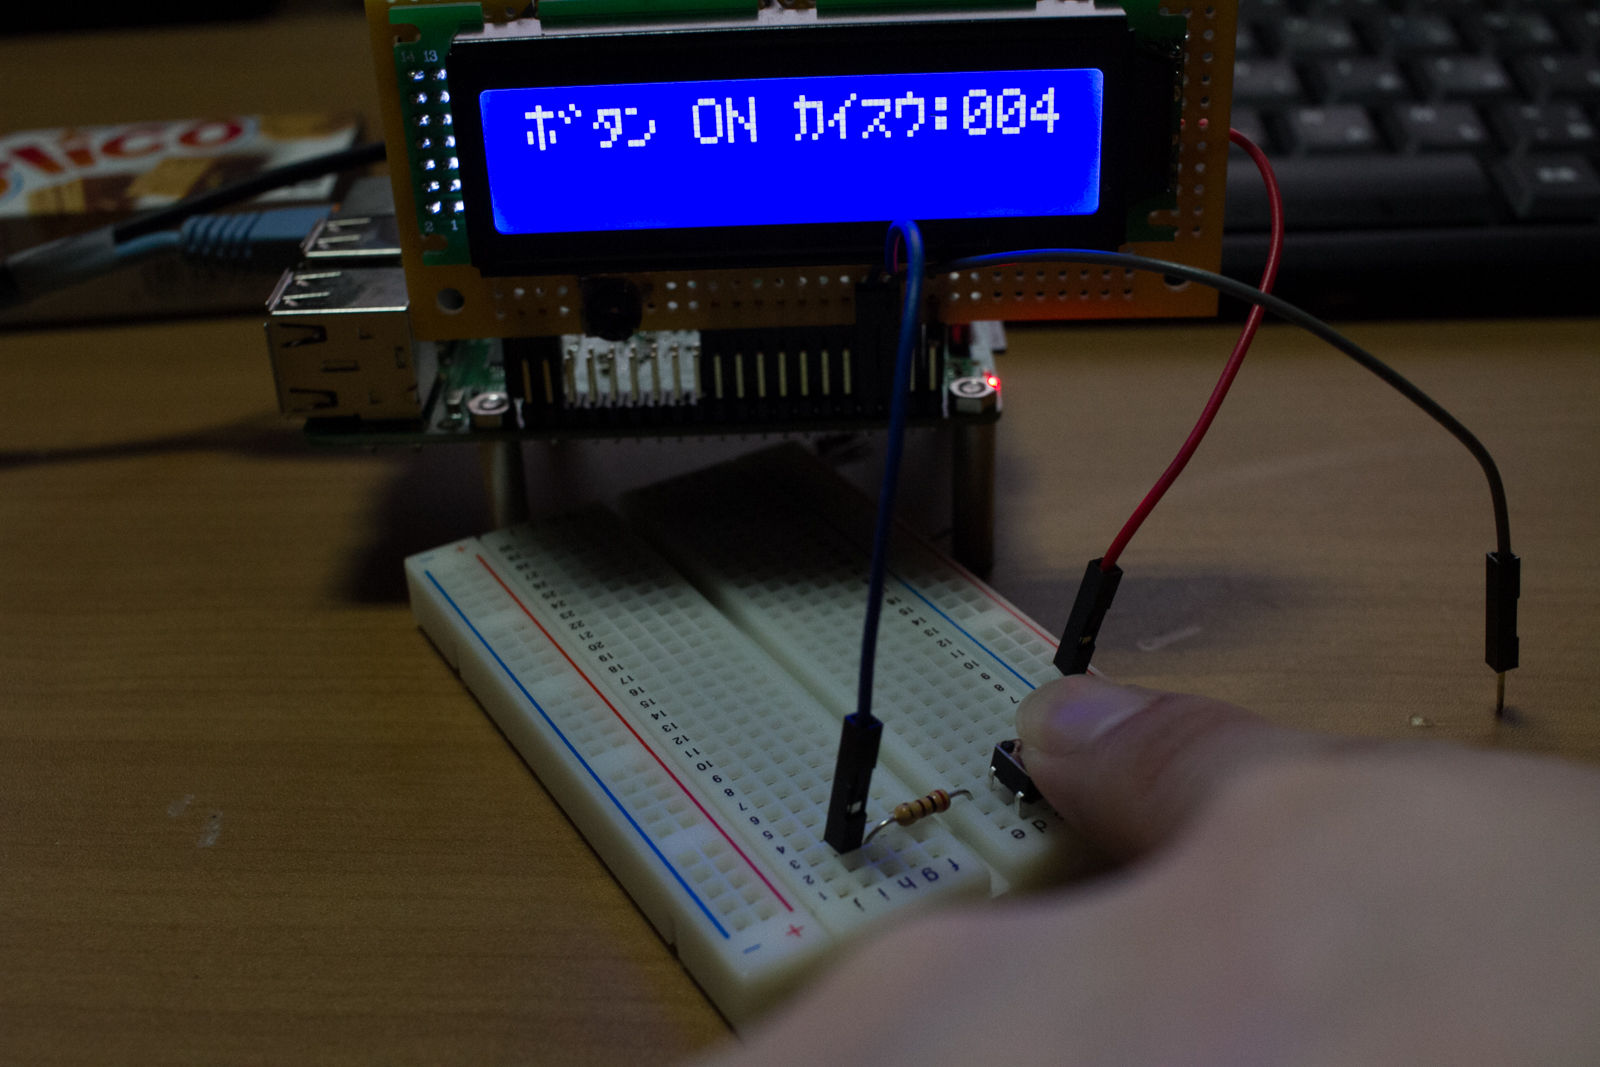 Wiringpi Lcd H Electrical Schematic Wiring Diagram Pi Model B 2 Raspberry U3067 U30b9 U30a4 U30c3 U30c1 U30aa U30f3 U30fb U30d5 U3092 U611f U77e5 U685c U306e U306f U306a U3073 U3089 U3069 U3063 U3068 U306d